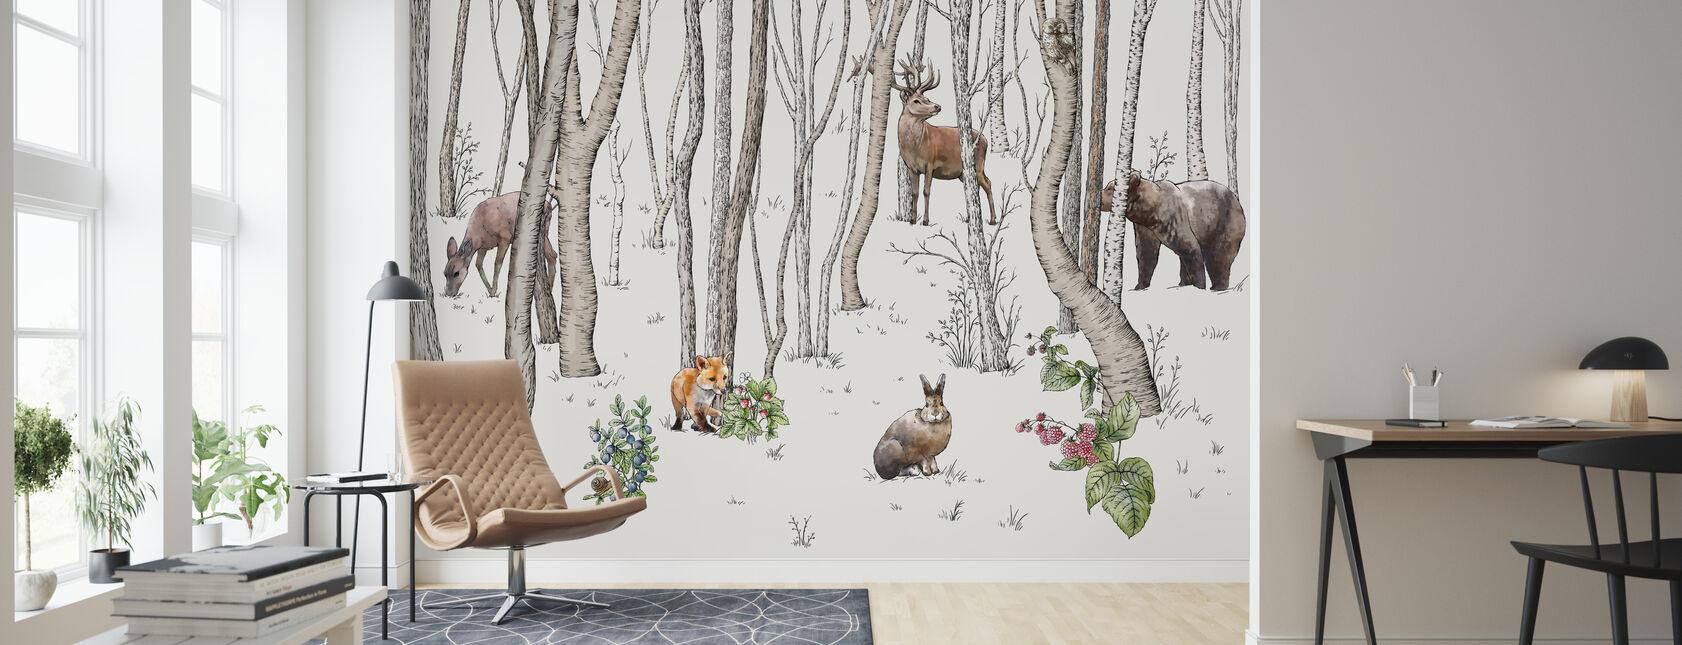 Metsän eläimet - Tapetti - Olohuone